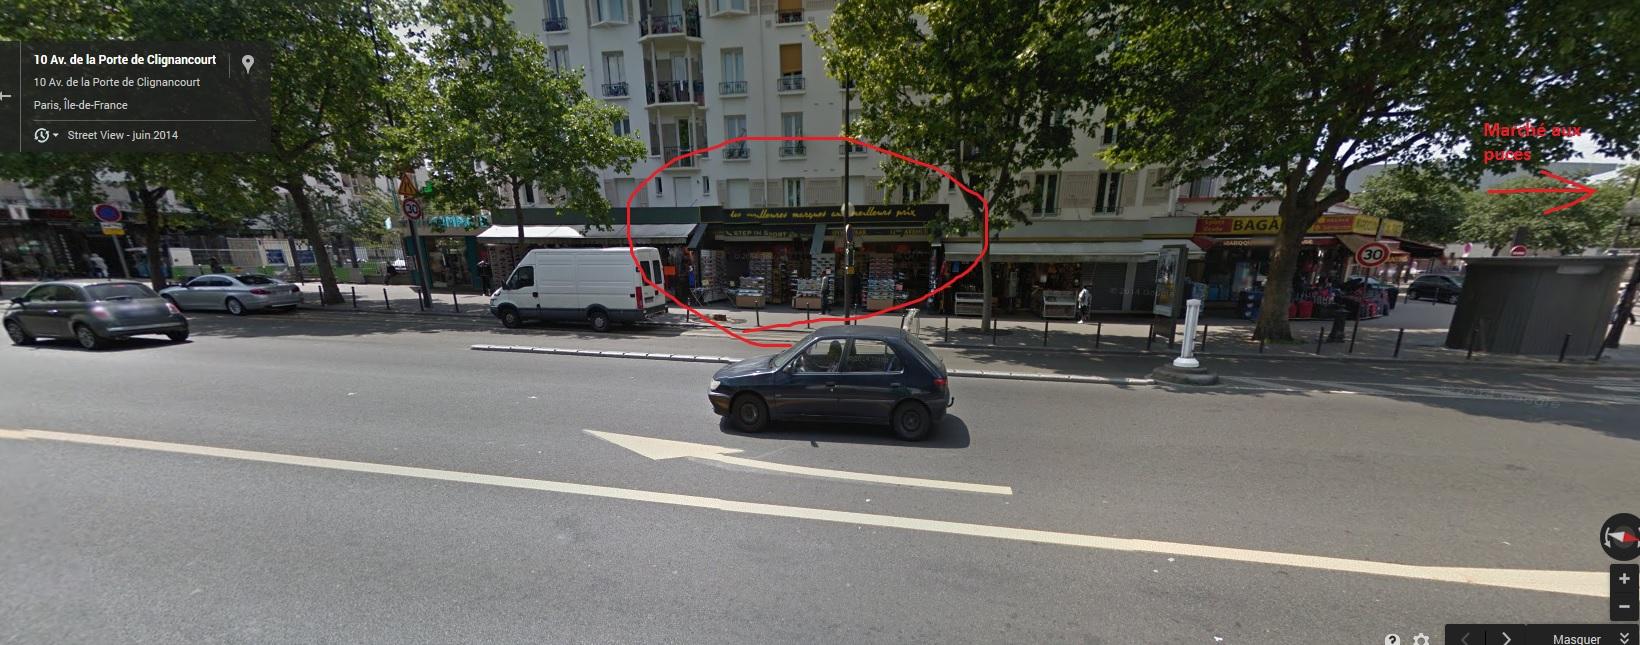 24 25 Ans À Clignancourt Forum 18 Chaussures Sur Blabla 09 Le Les IfgvyY6b7